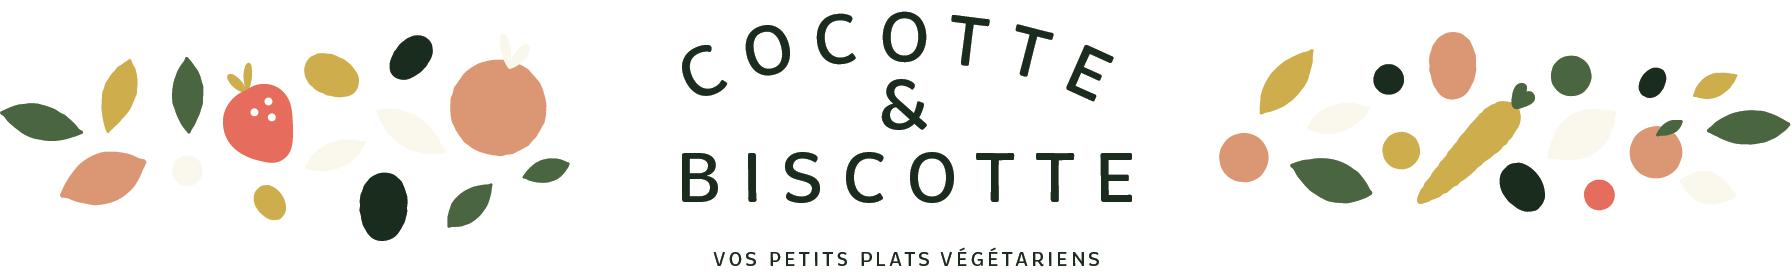 Cocotte et Biscotte